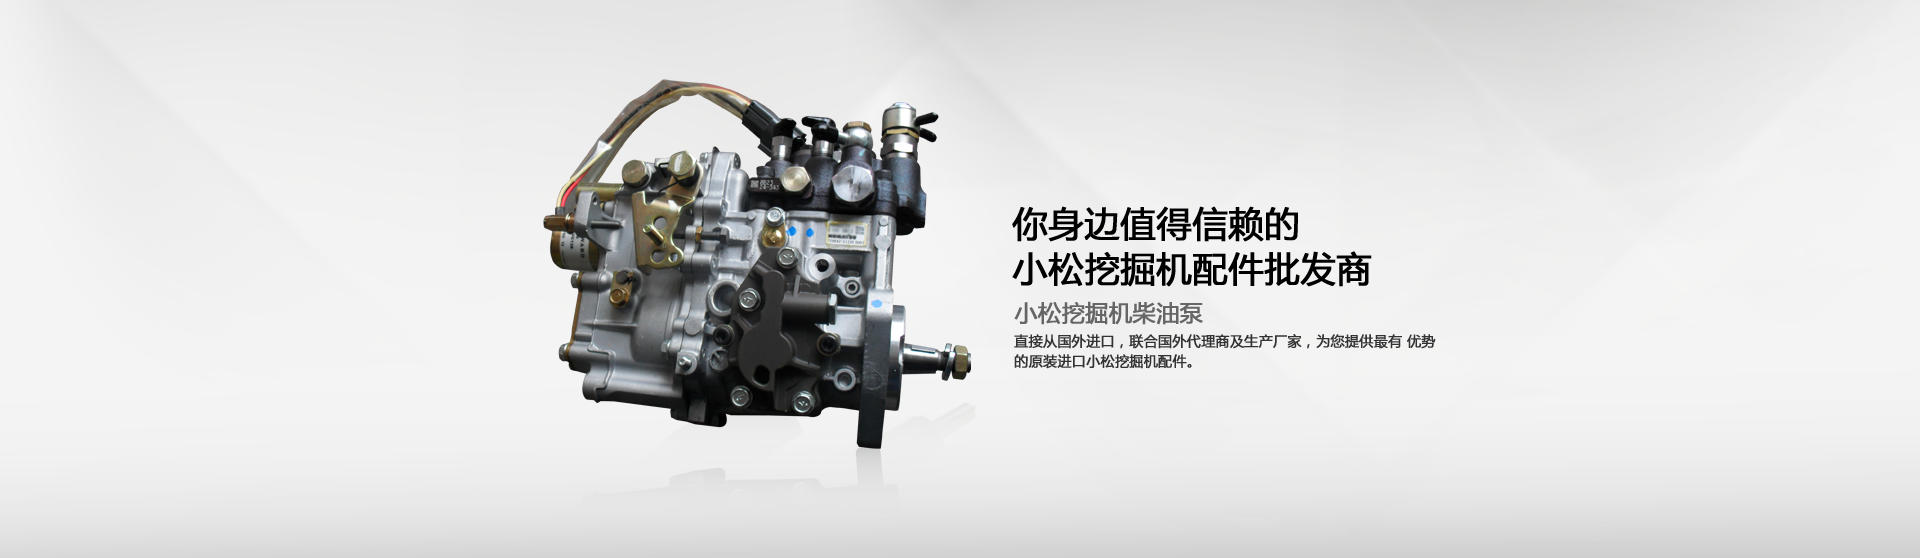 小松挖掘机柴油泵